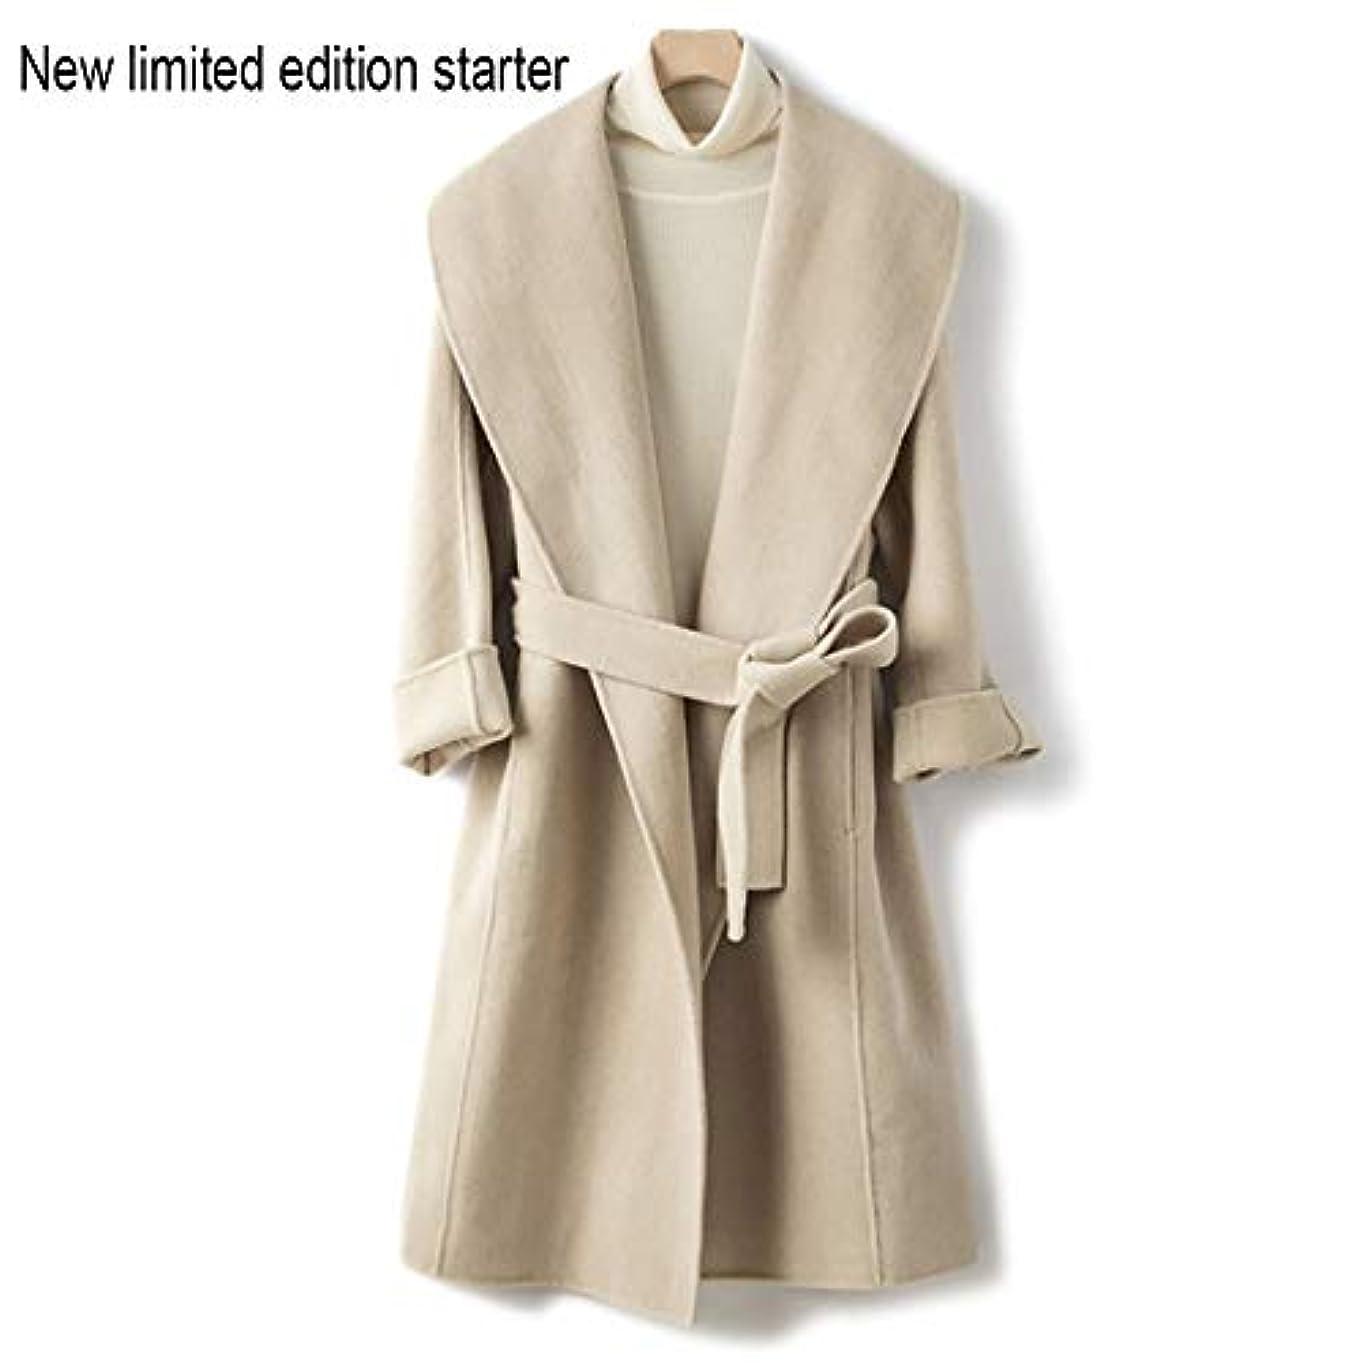 ブロックする不適シンプルさ新しいウールコート、スカーフカラーネクタイウエストロングダブルフェイスウールコート婦人服レディースジョイフルウィンタージャケットコート,C,M